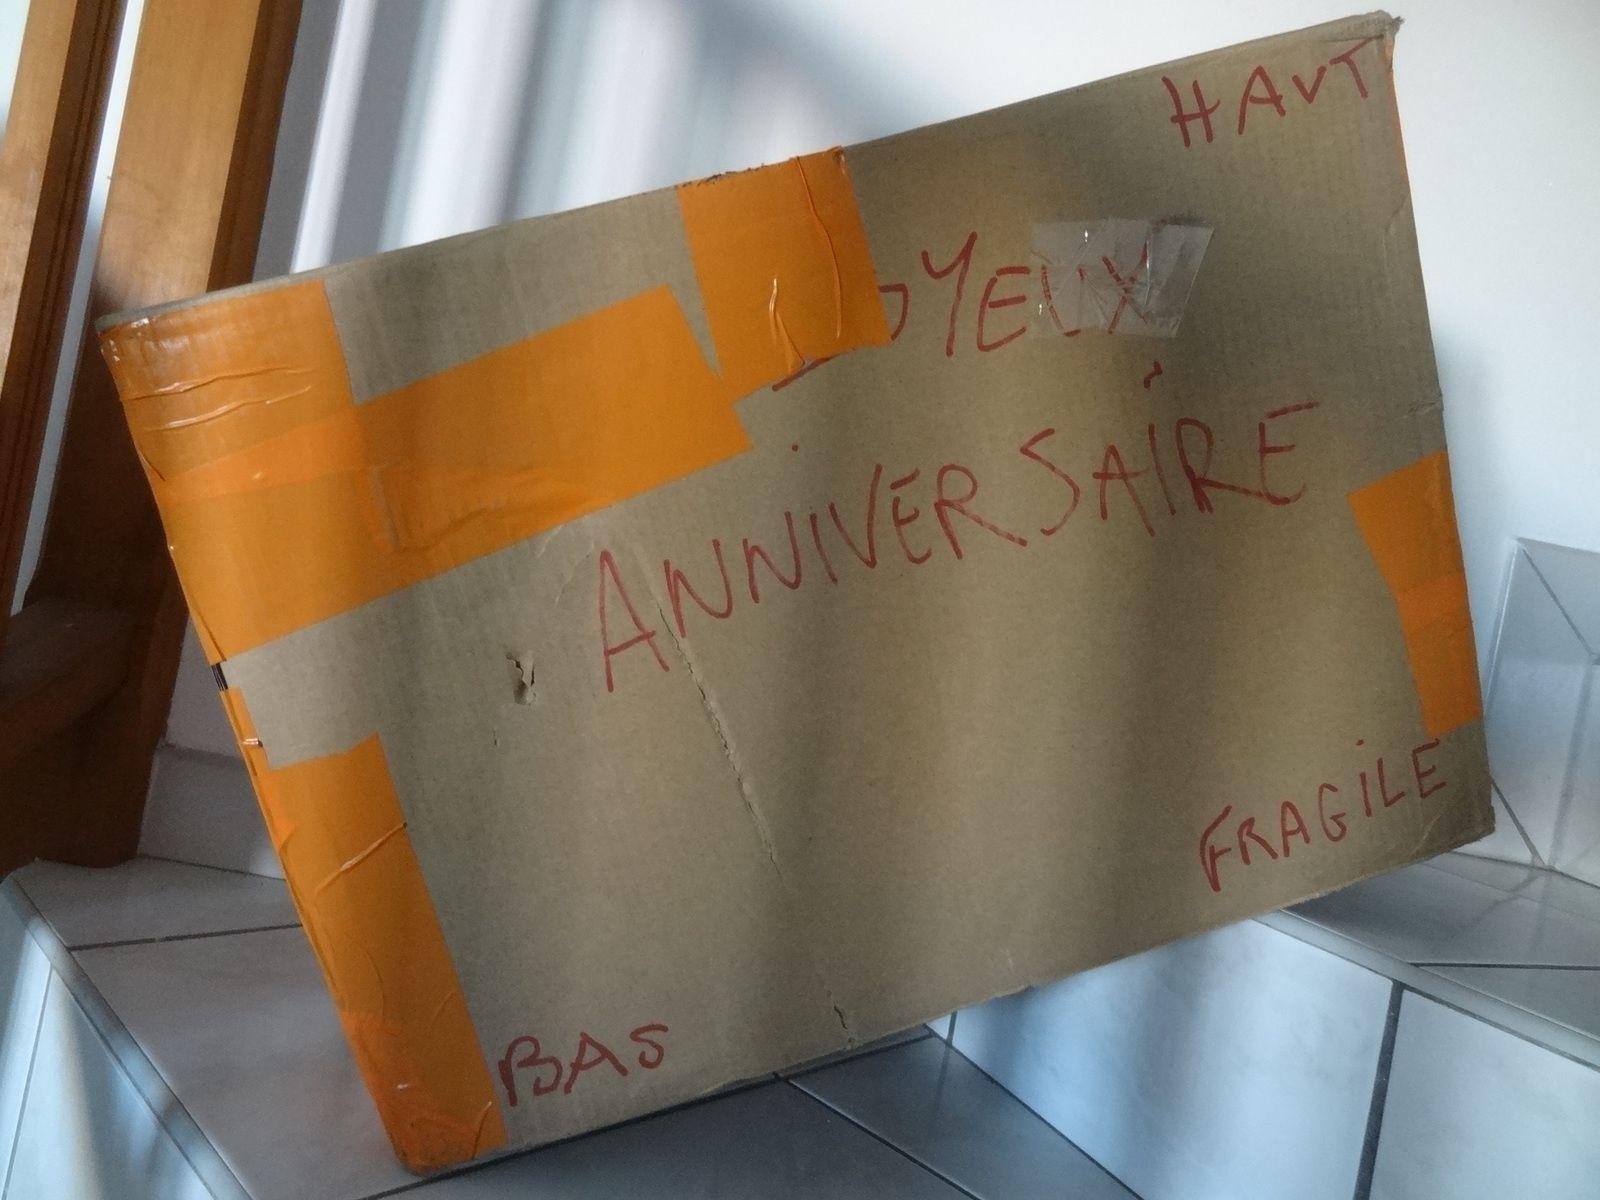 Premier paquet pour passer incognito à l'aéroport &#x3B;-) : inutile de me fêter mon anniversaire ...